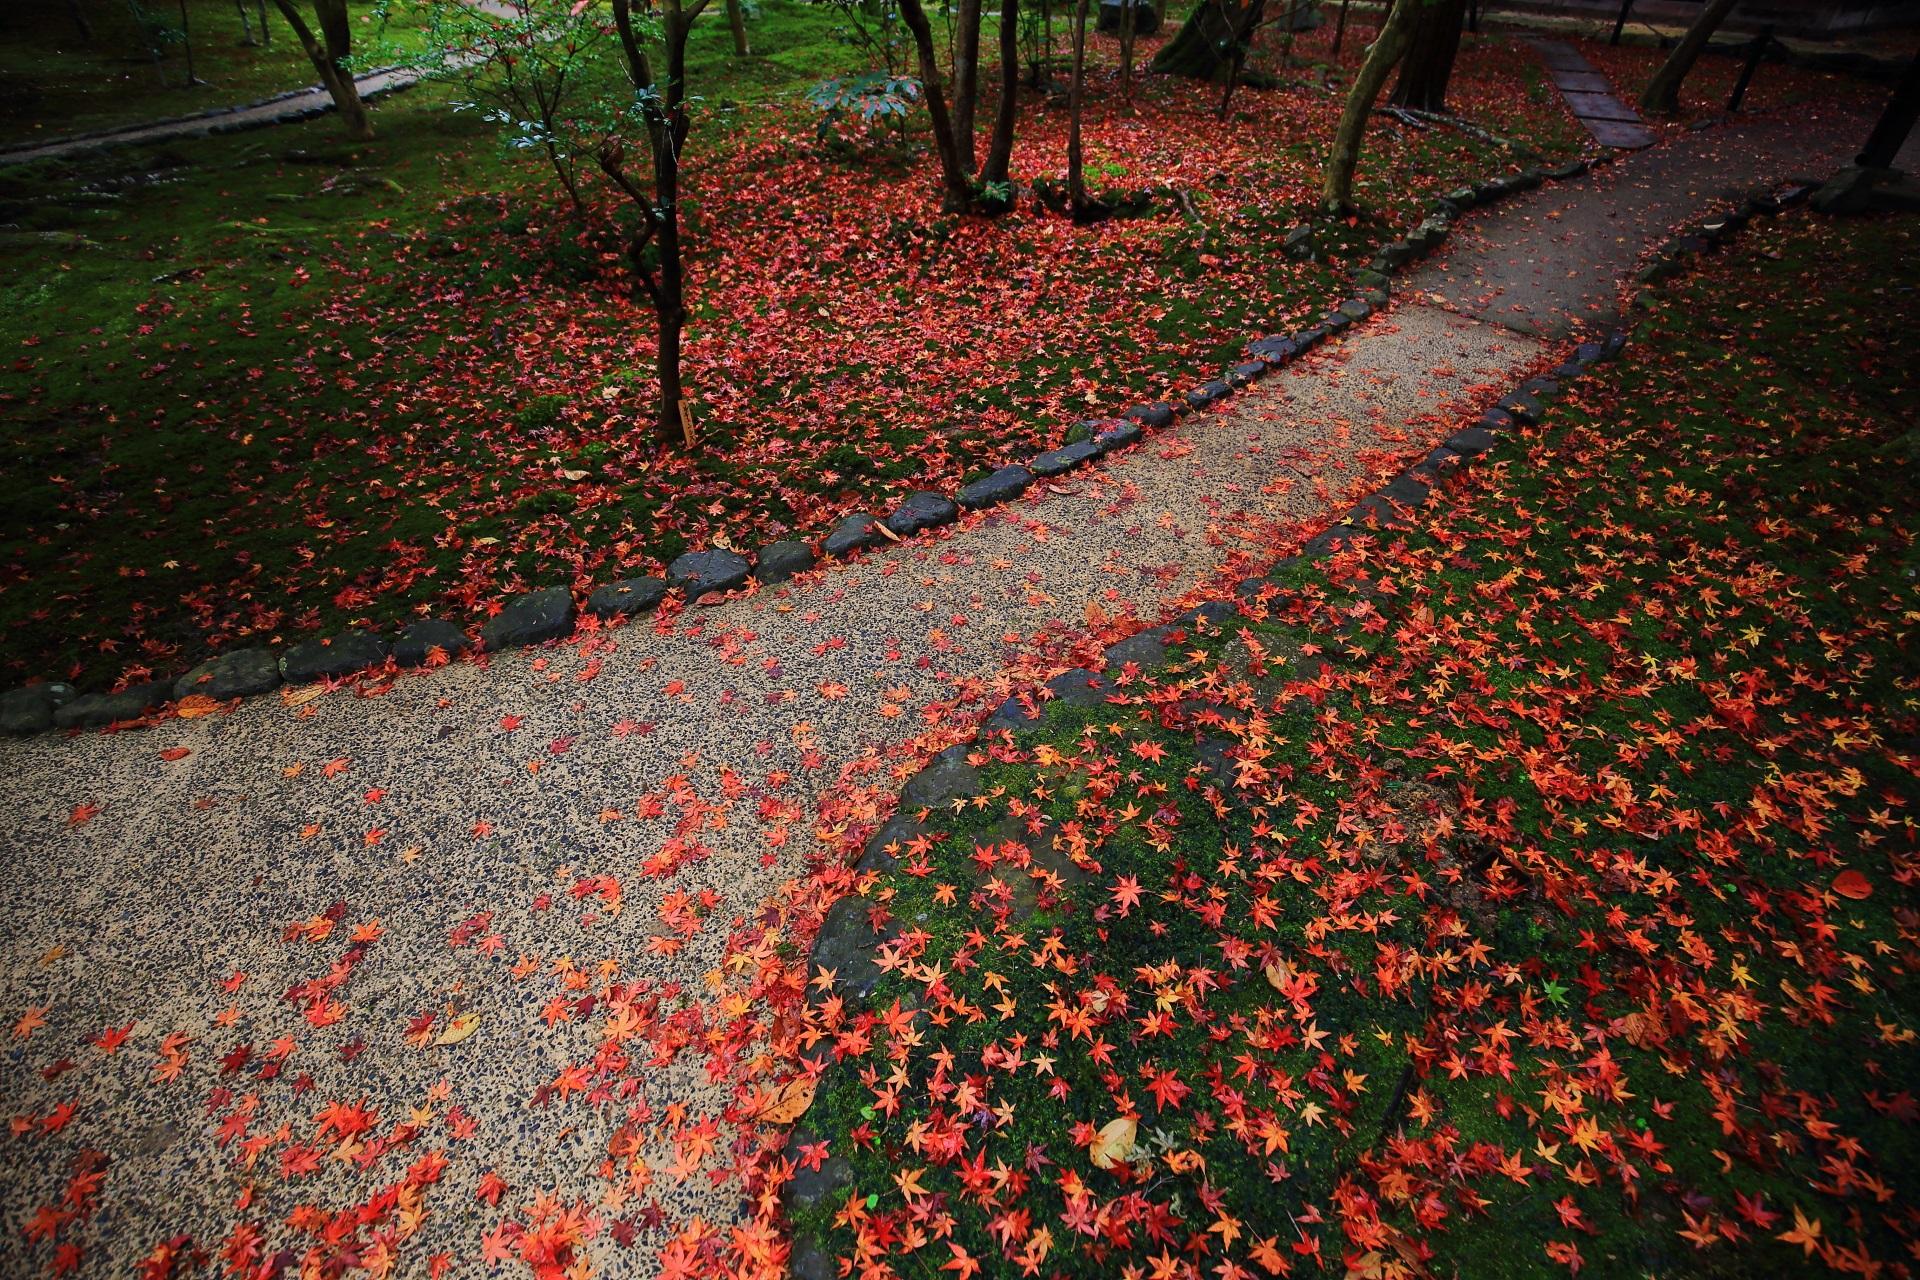 霊鑑寺の素晴らしい散り紅葉と美しい晩秋の情景